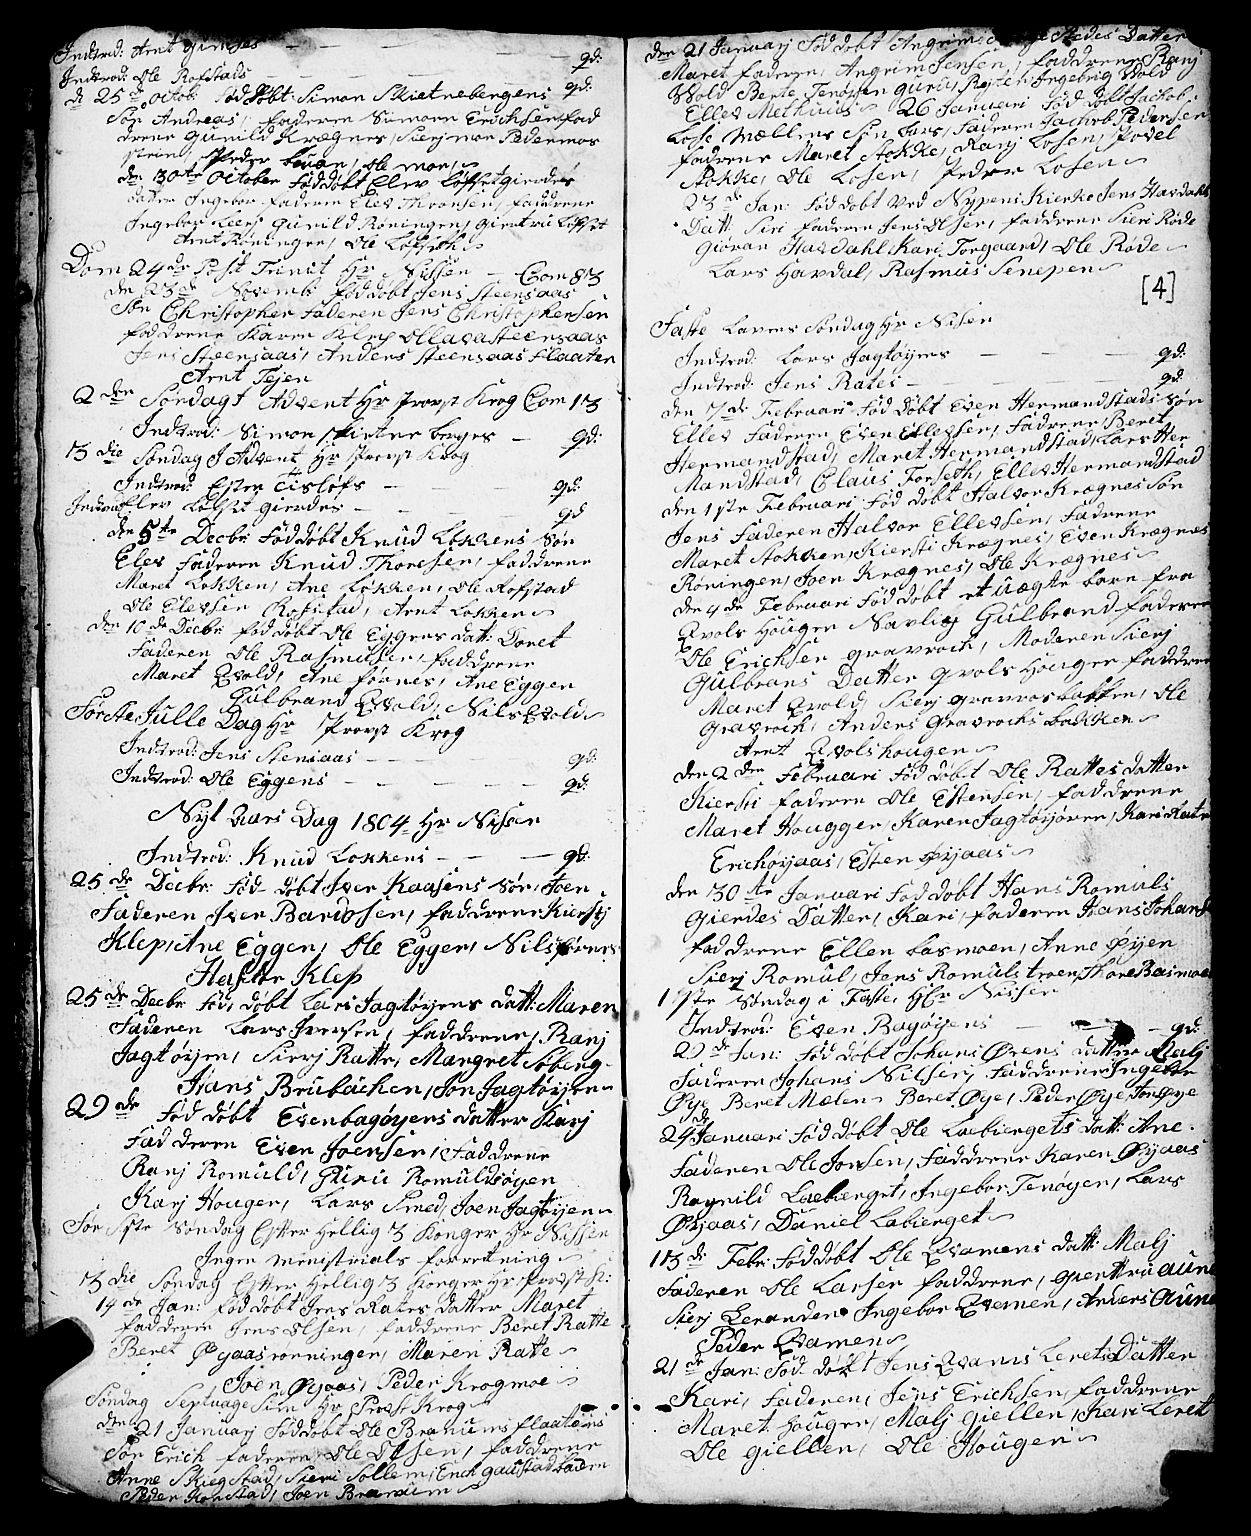 SAT, Ministerialprotokoller, klokkerbøker og fødselsregistre - Sør-Trøndelag, 691/L1091: Klokkerbok nr. 691C02, 1802-1815, s. 4